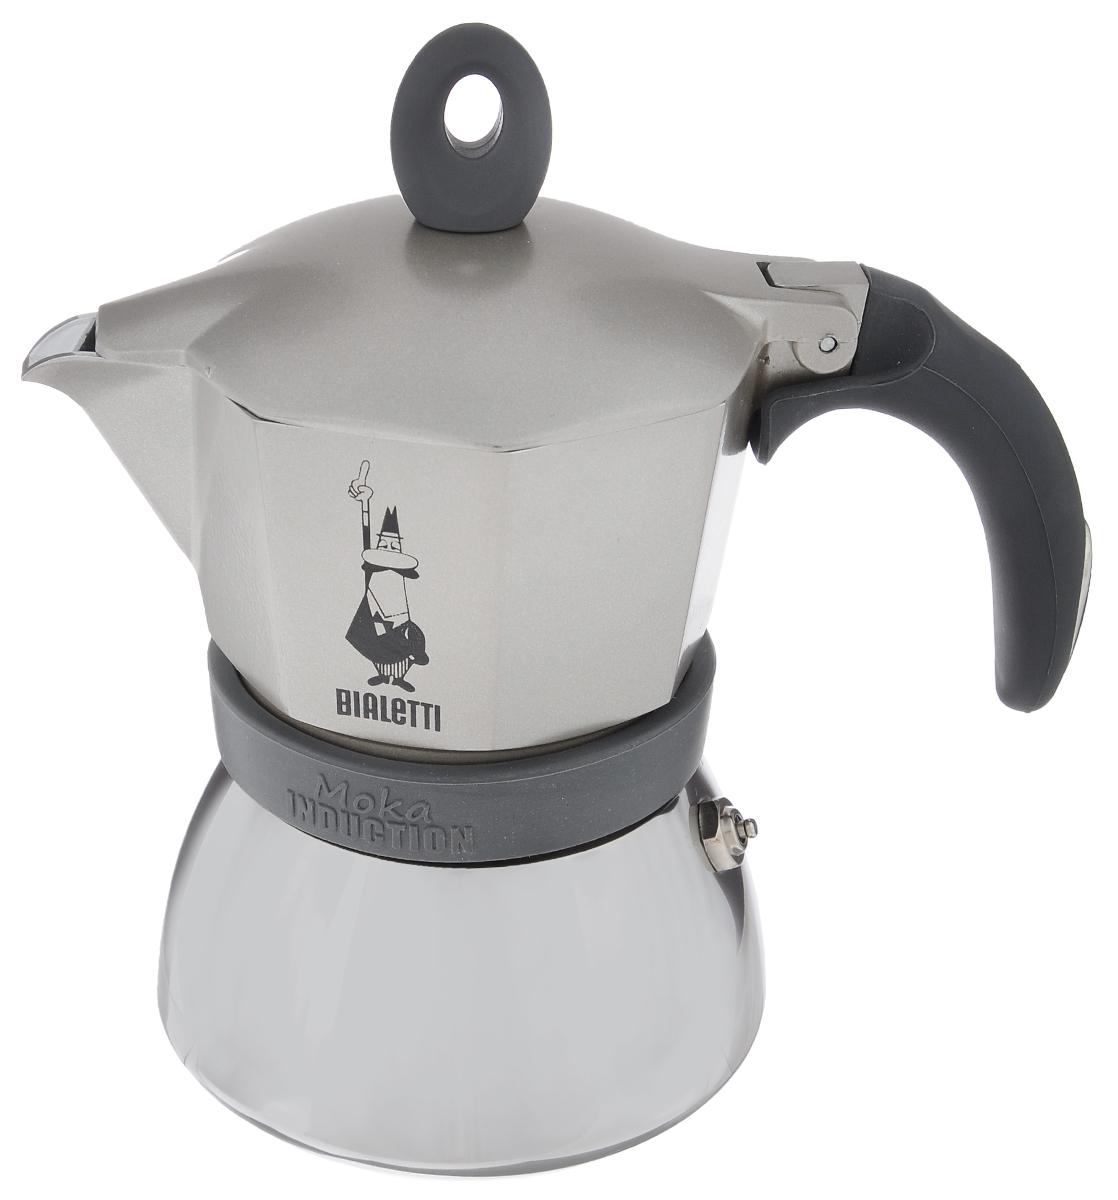 Кофеварка гейзерная Bialetti Moka Induction, цвет: серый, на 3 чашки4832Компактная гейзерная кофеварка Bialetti Moka Induction изготовлена извысококачественного алюминия и стали. Объема кофе хватает на 3 чашки. Изделиеоснащено удобной обрезиненной ручкой.Принцип работы такой гейзерной кофеварки - кофе заваривается путеммногократного прохождения горячей воды или пара через слой молотого кофе.Удобство кофеварки в том, что вся кофейная гуща остается во внутренней емкости.Гейзерные кофеварки пользуются большой популярностью благодаря изысканномуаромату.Кофе получается крепкий и насыщенный.Теперь и дома вы сможете насладиться великолепным эспрессо.Подходит для газовых, электрических, стеклокерамическихиндукционных плит. Нельзя мыть впосудомоечной машине. Высота (с учетом крышки): 17 см.